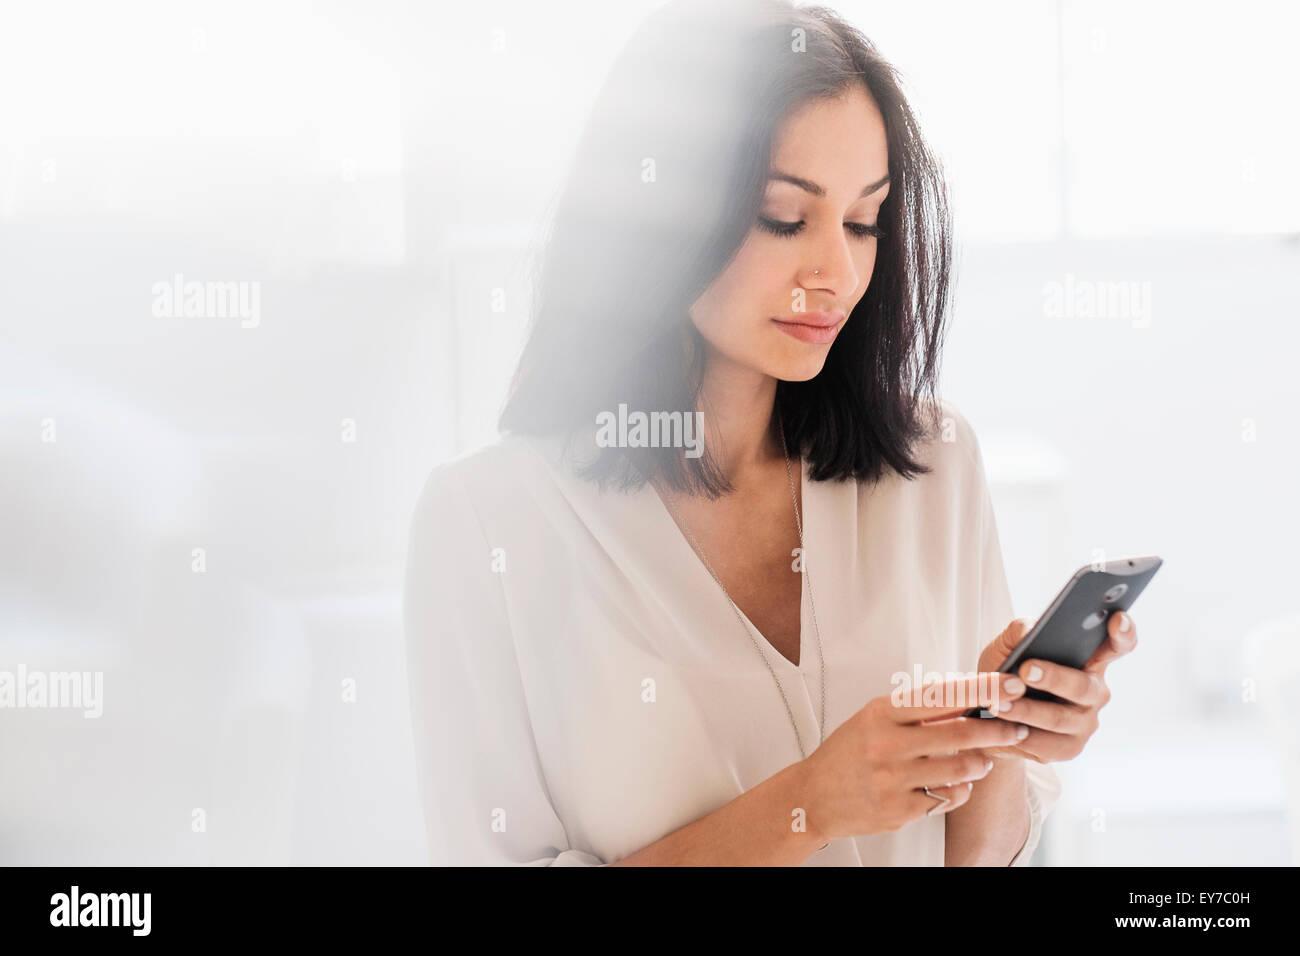 Donna che utilizza smart phone Immagini Stock